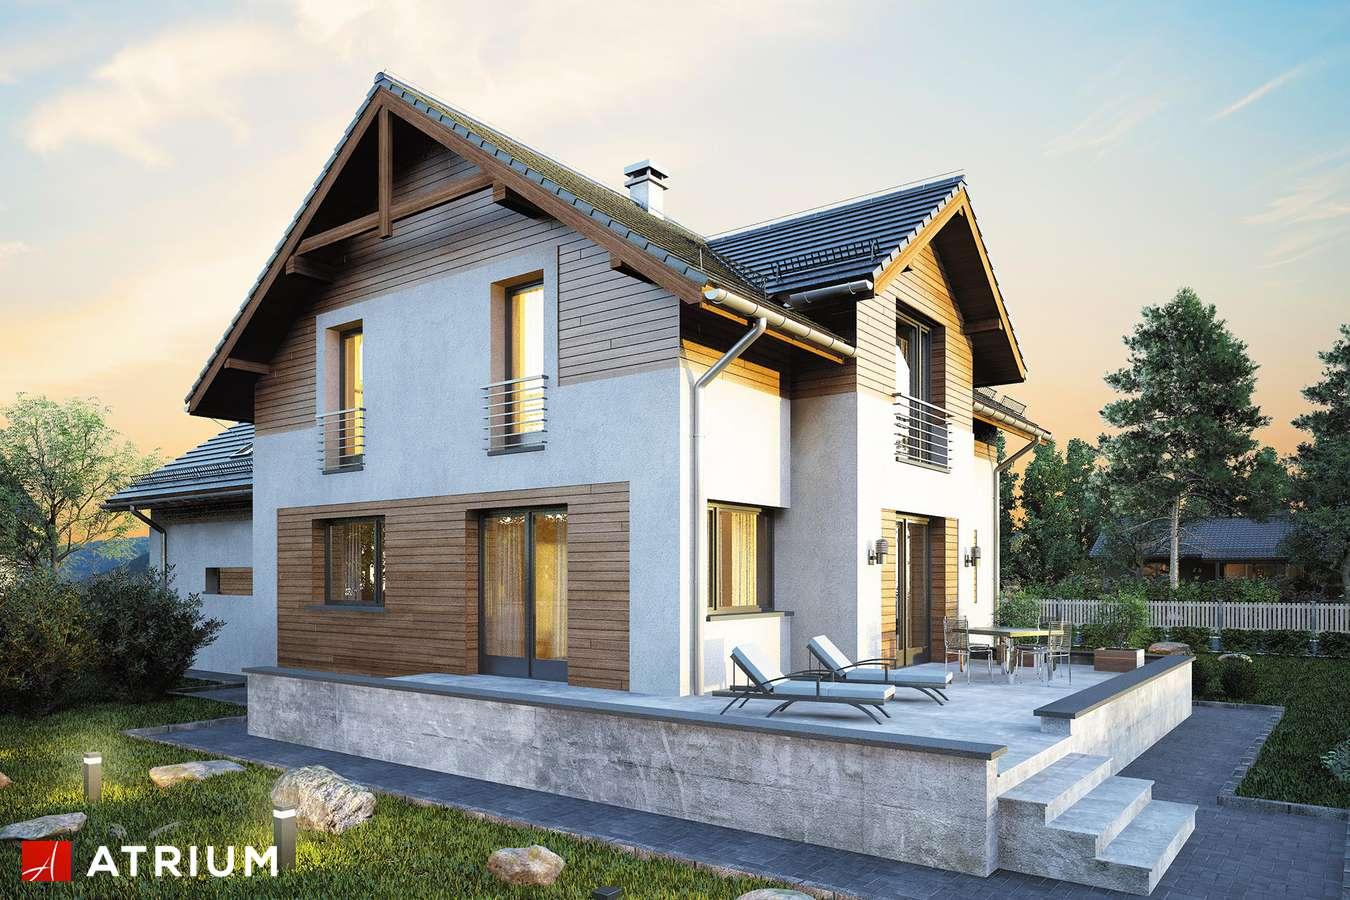 Projekty domów - Projekt domu z poddaszem JUPITER XIV - wizualizacja 2 - wersja lustrzana